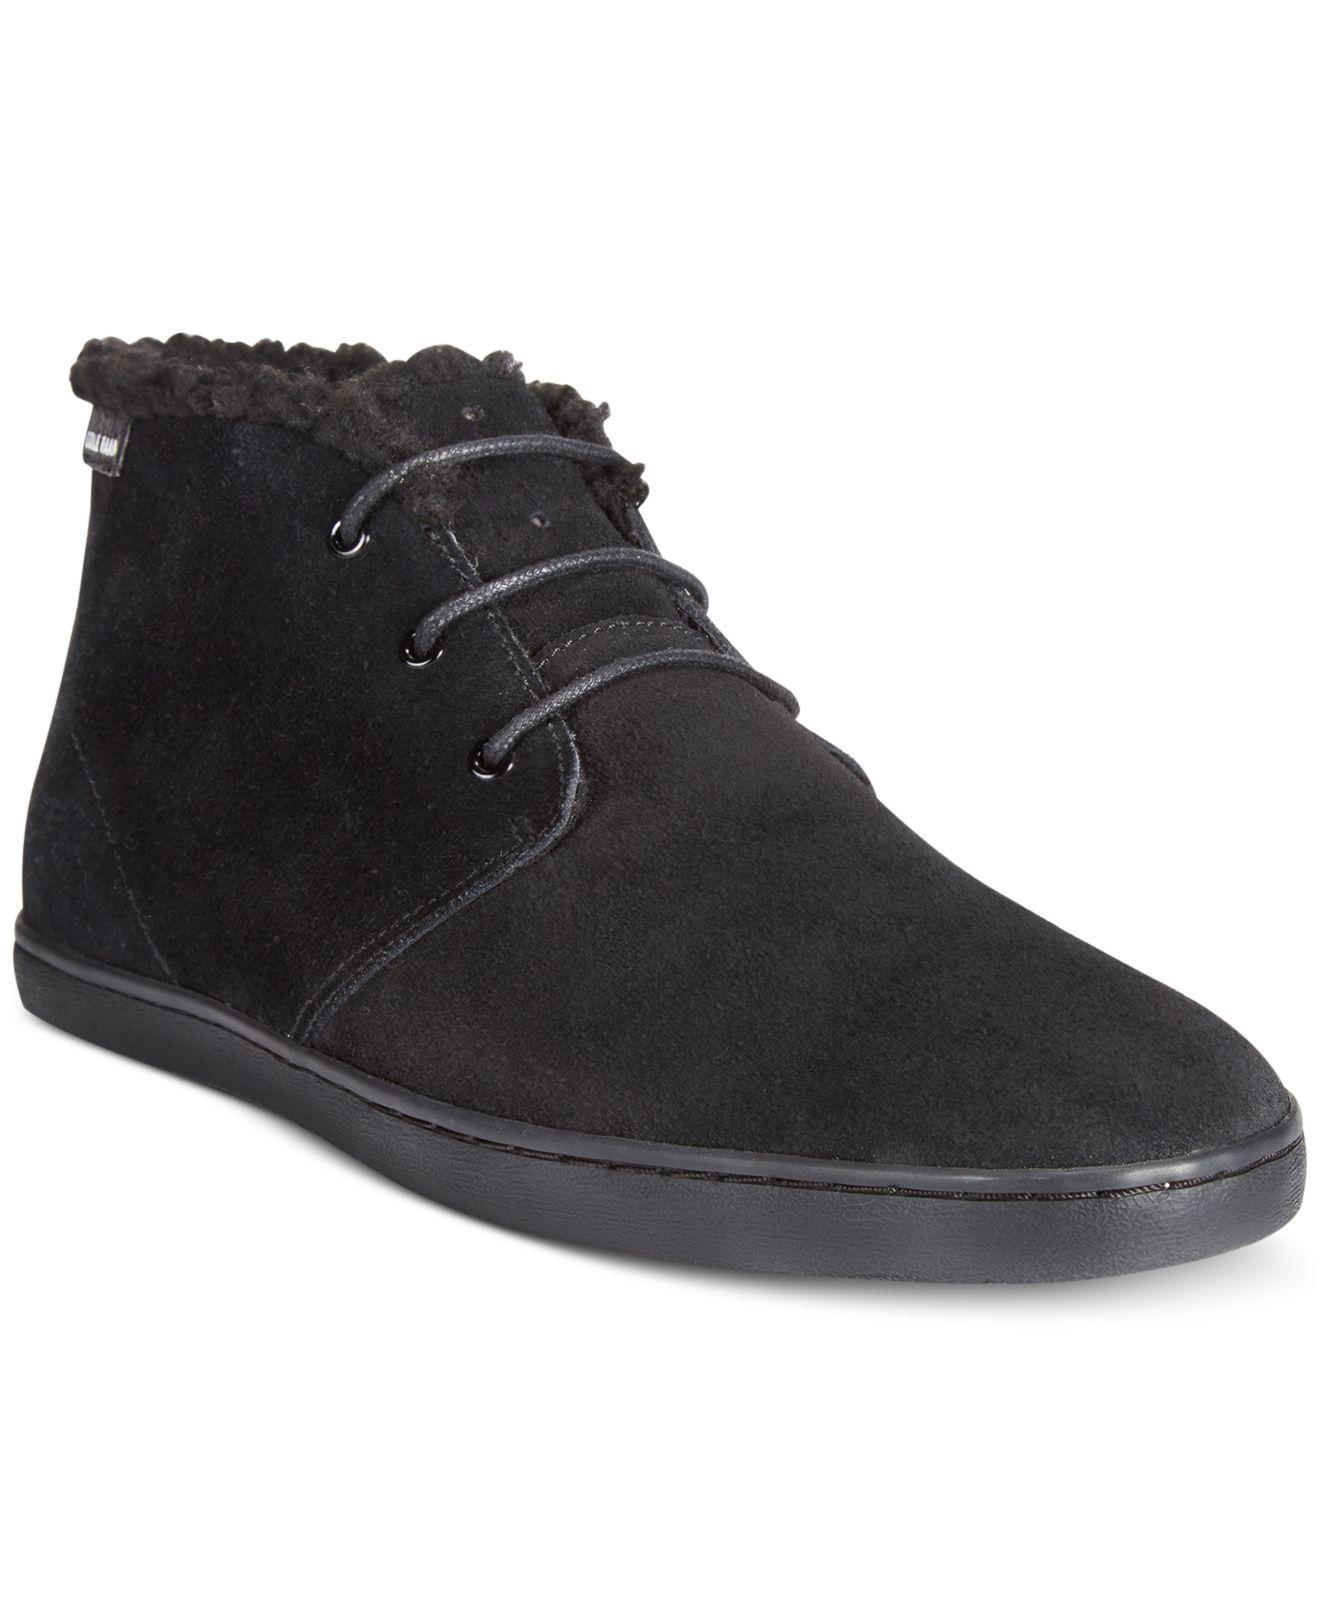 Cole Haan Pinch Weekender Chukka Boots